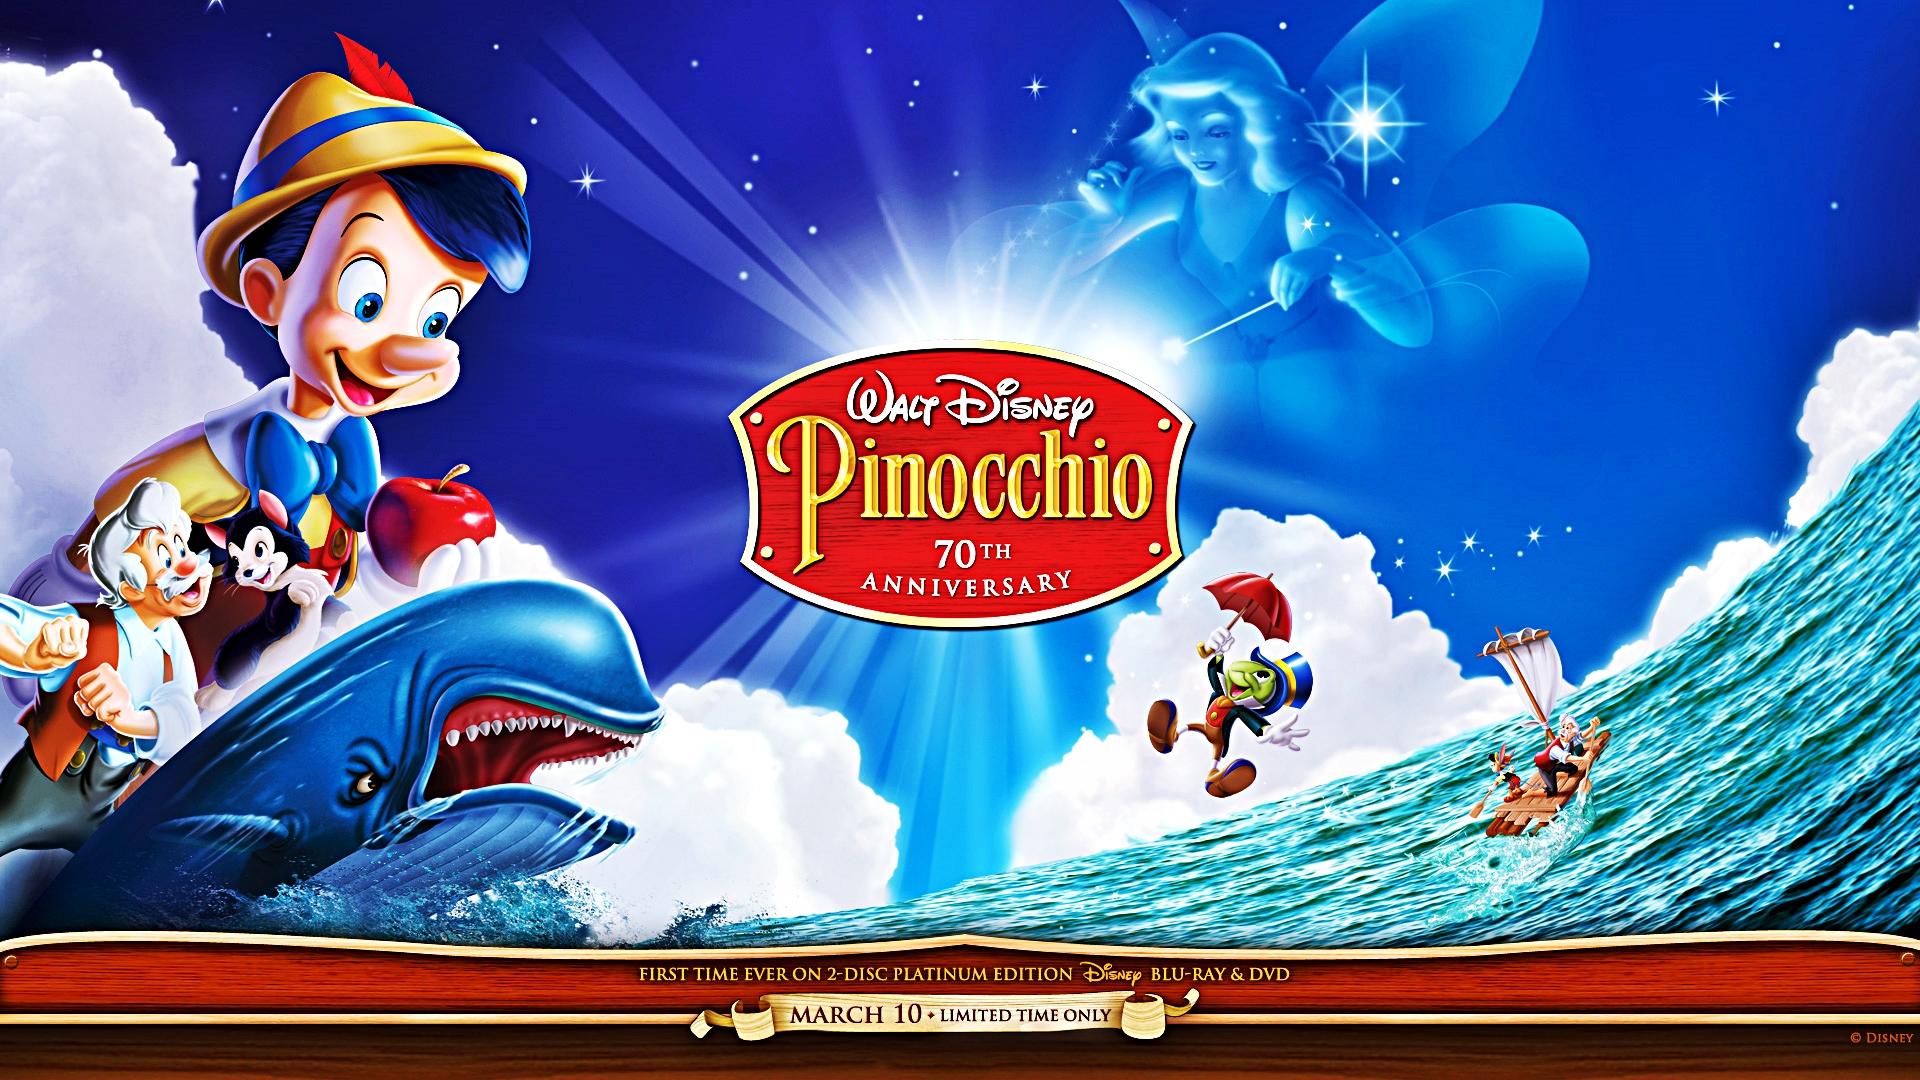 Walt Disney fonds d'écran - Pinocchio